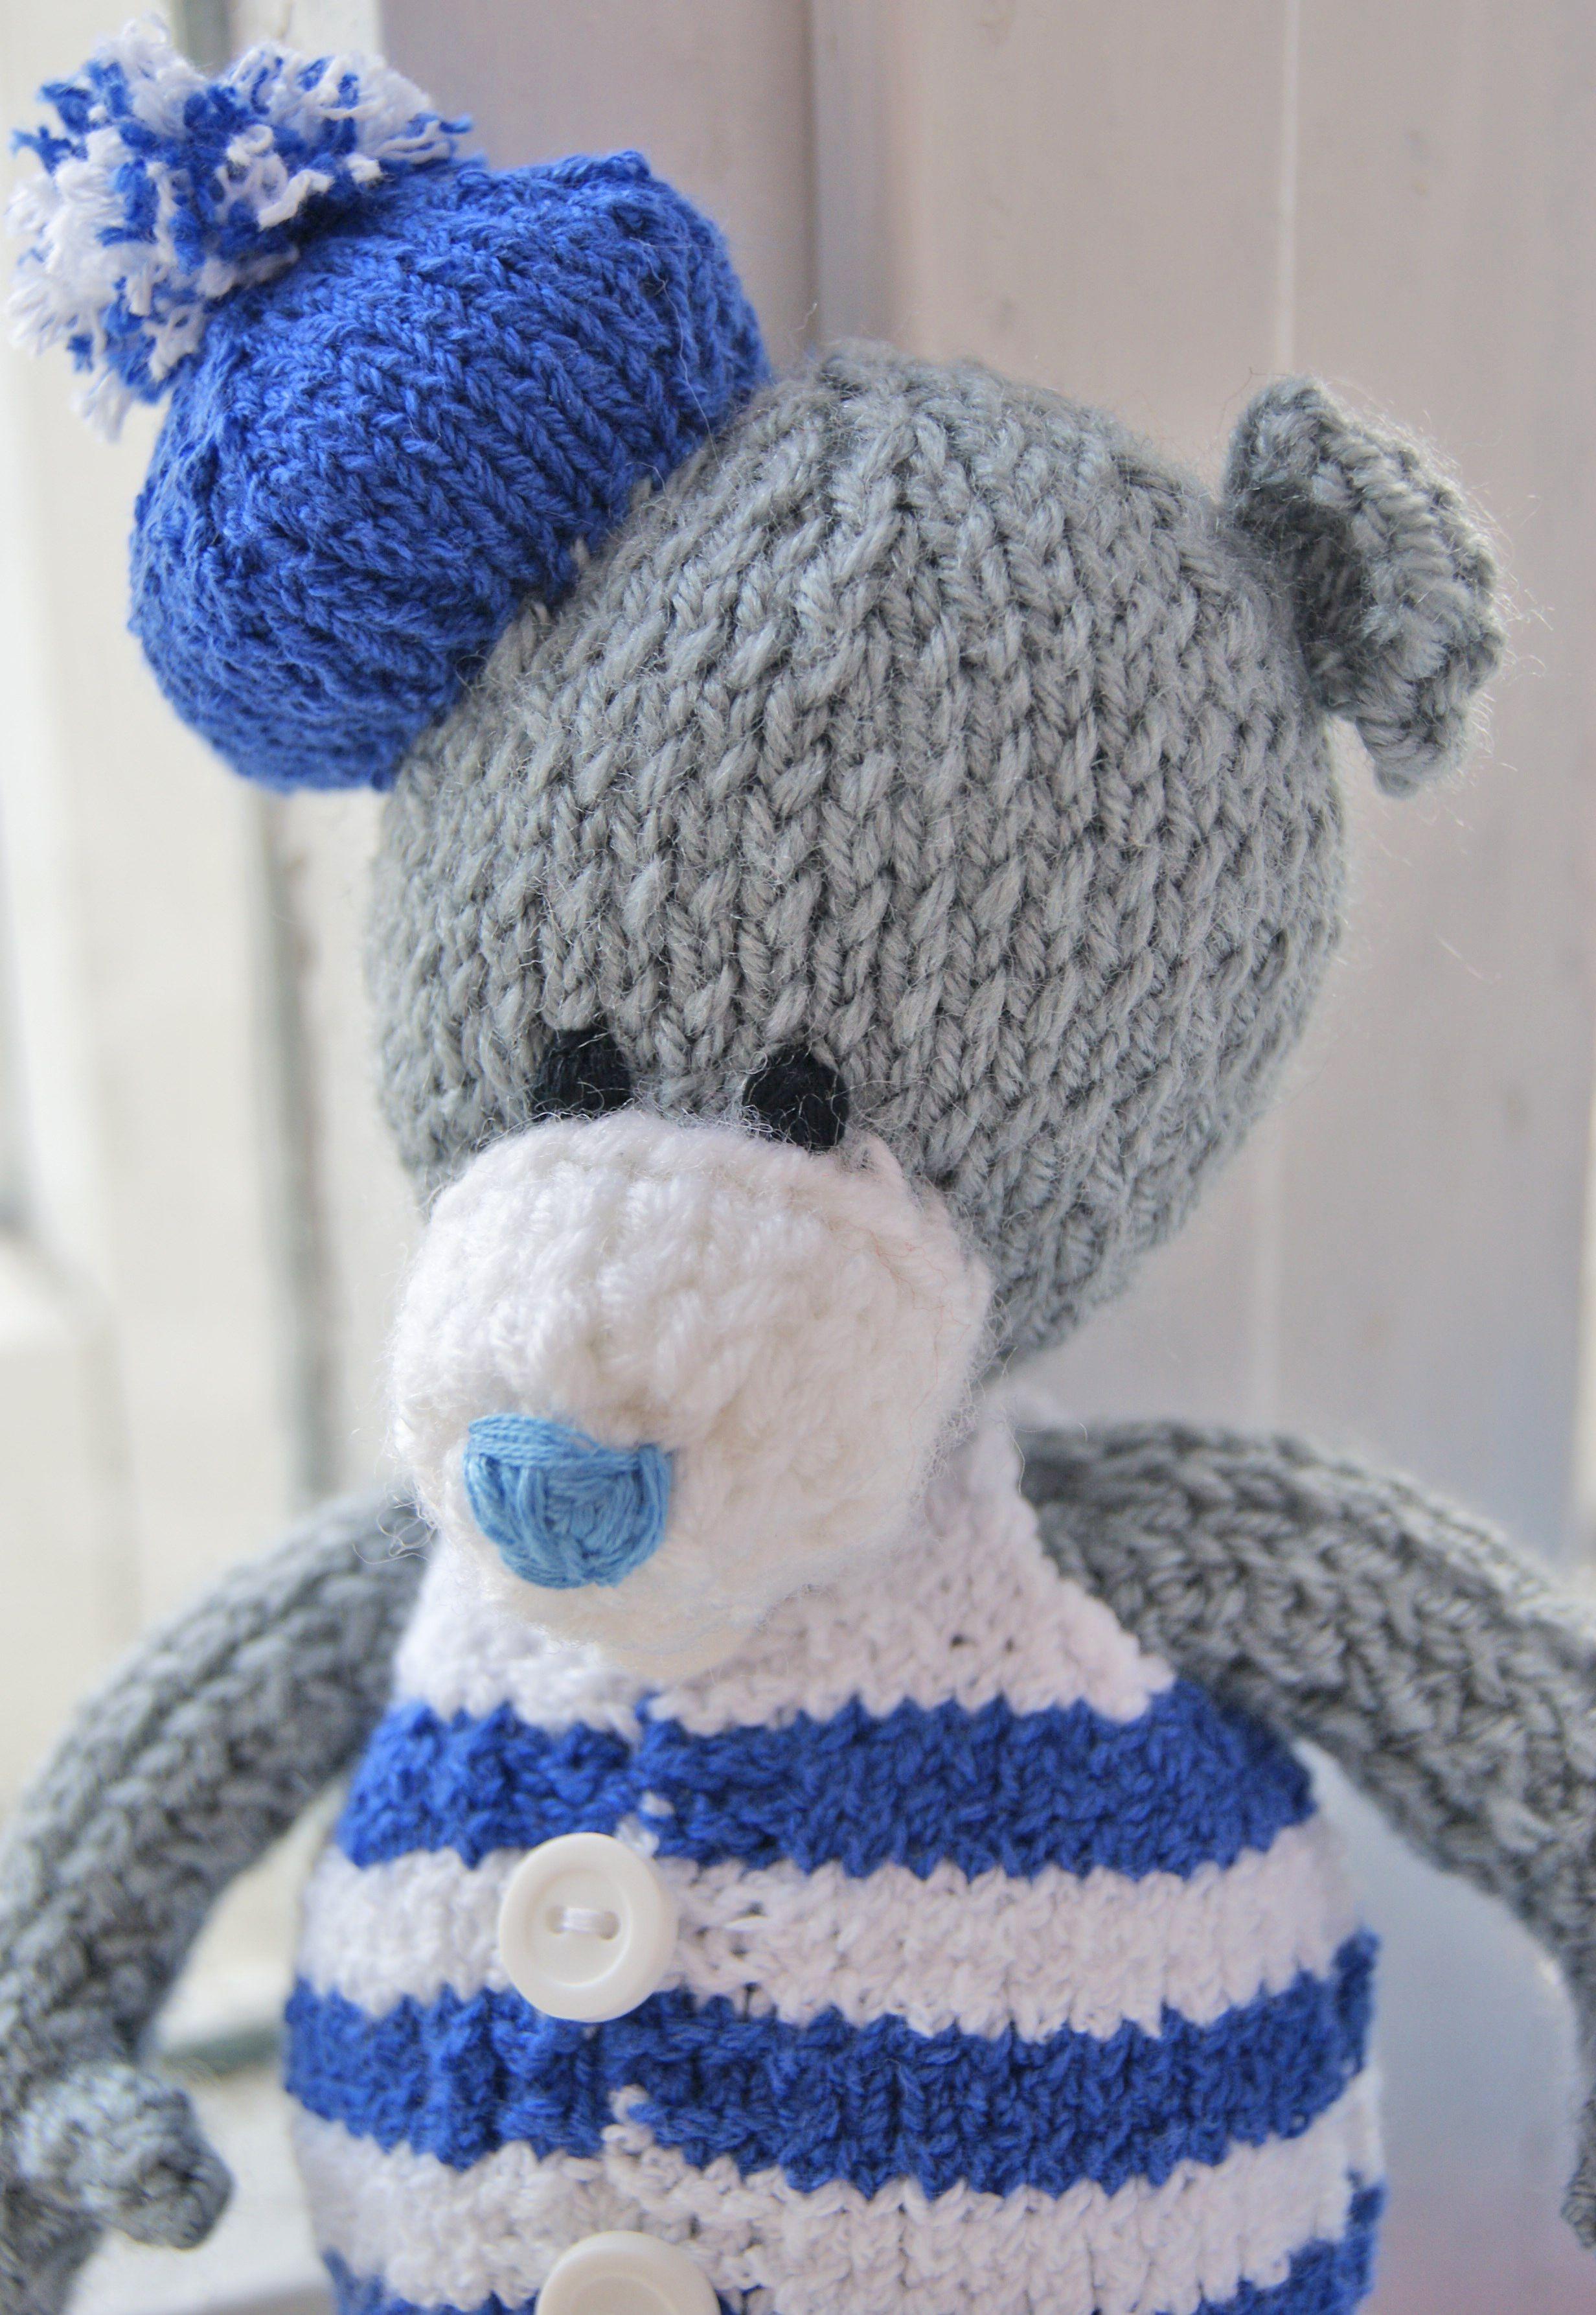 медведь мишка игрушка вязание уют интерьернаяигрушка тепло моряк вяжуназаказ детям море тедди вяжутнетолькобабушки подарок вязаниеназаказ